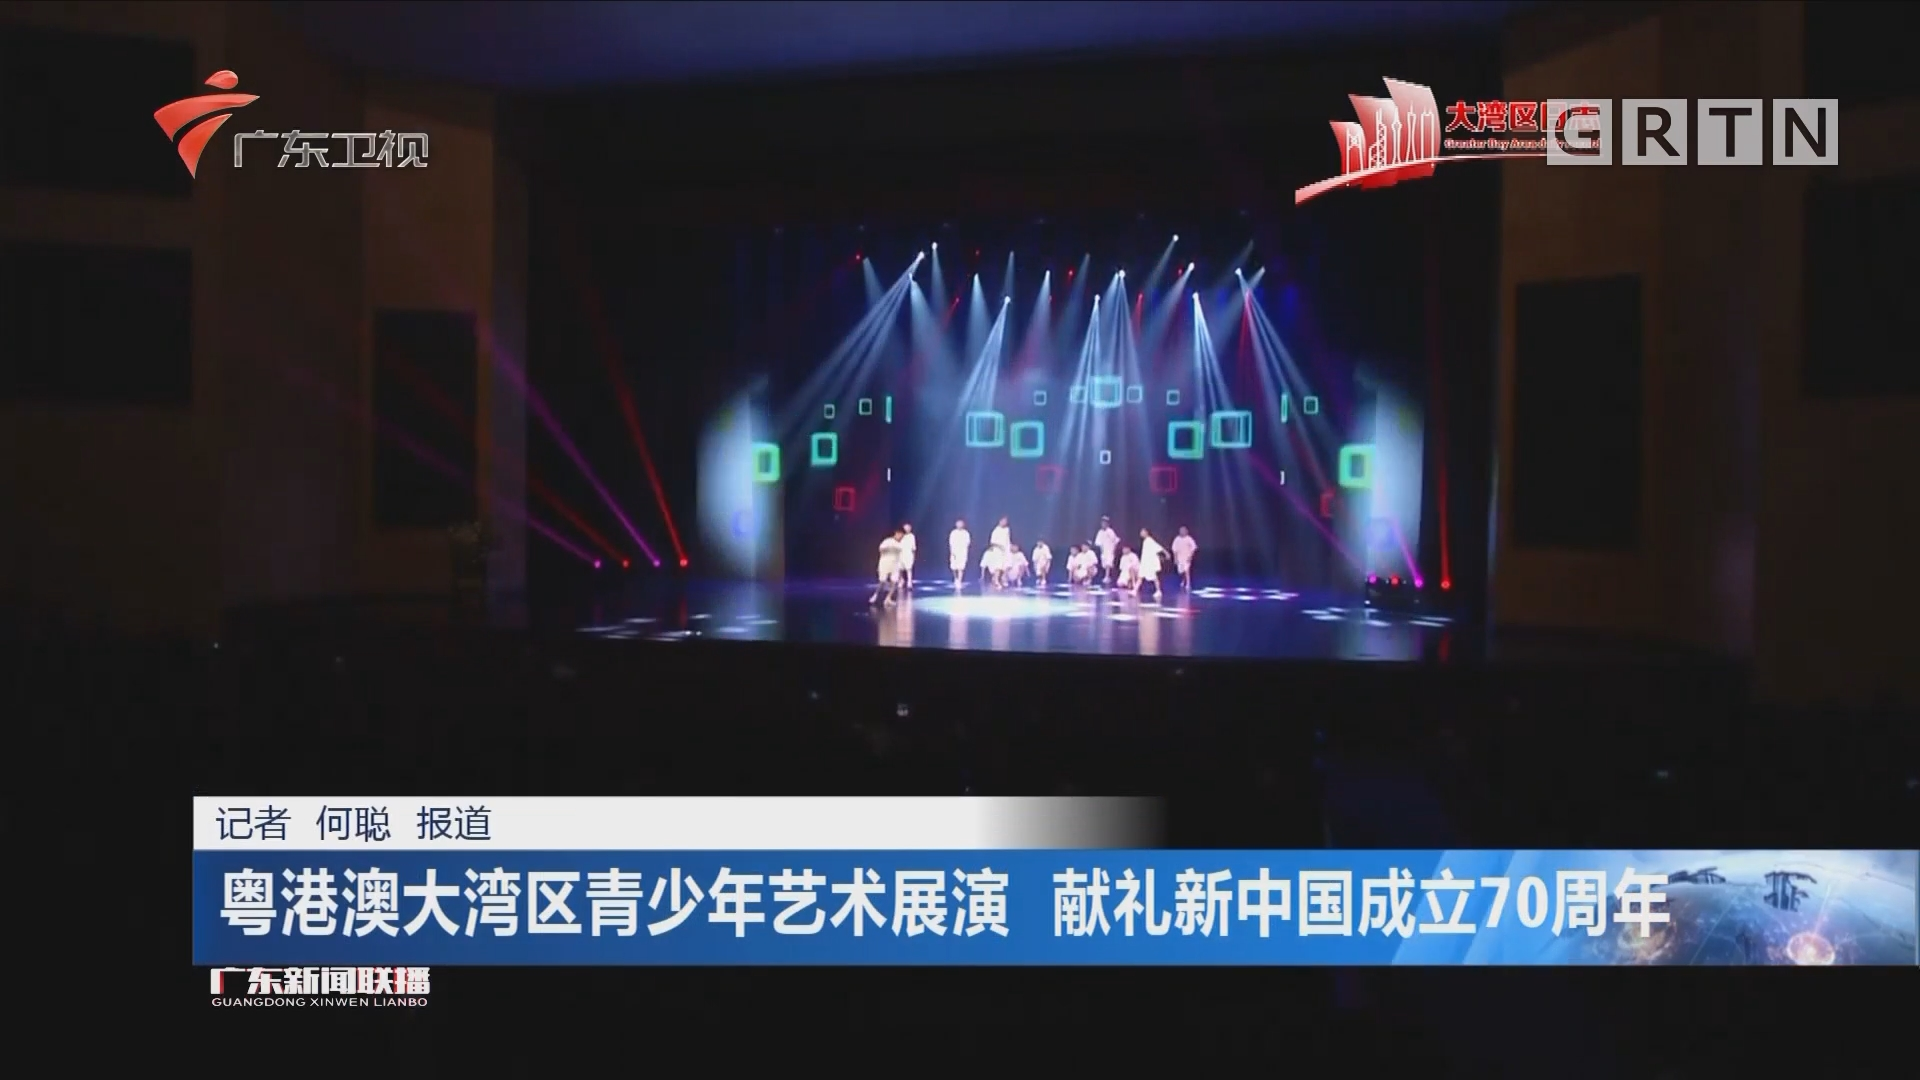 粤港澳大湾区青少年艺术展演 献礼新中国成立70周年